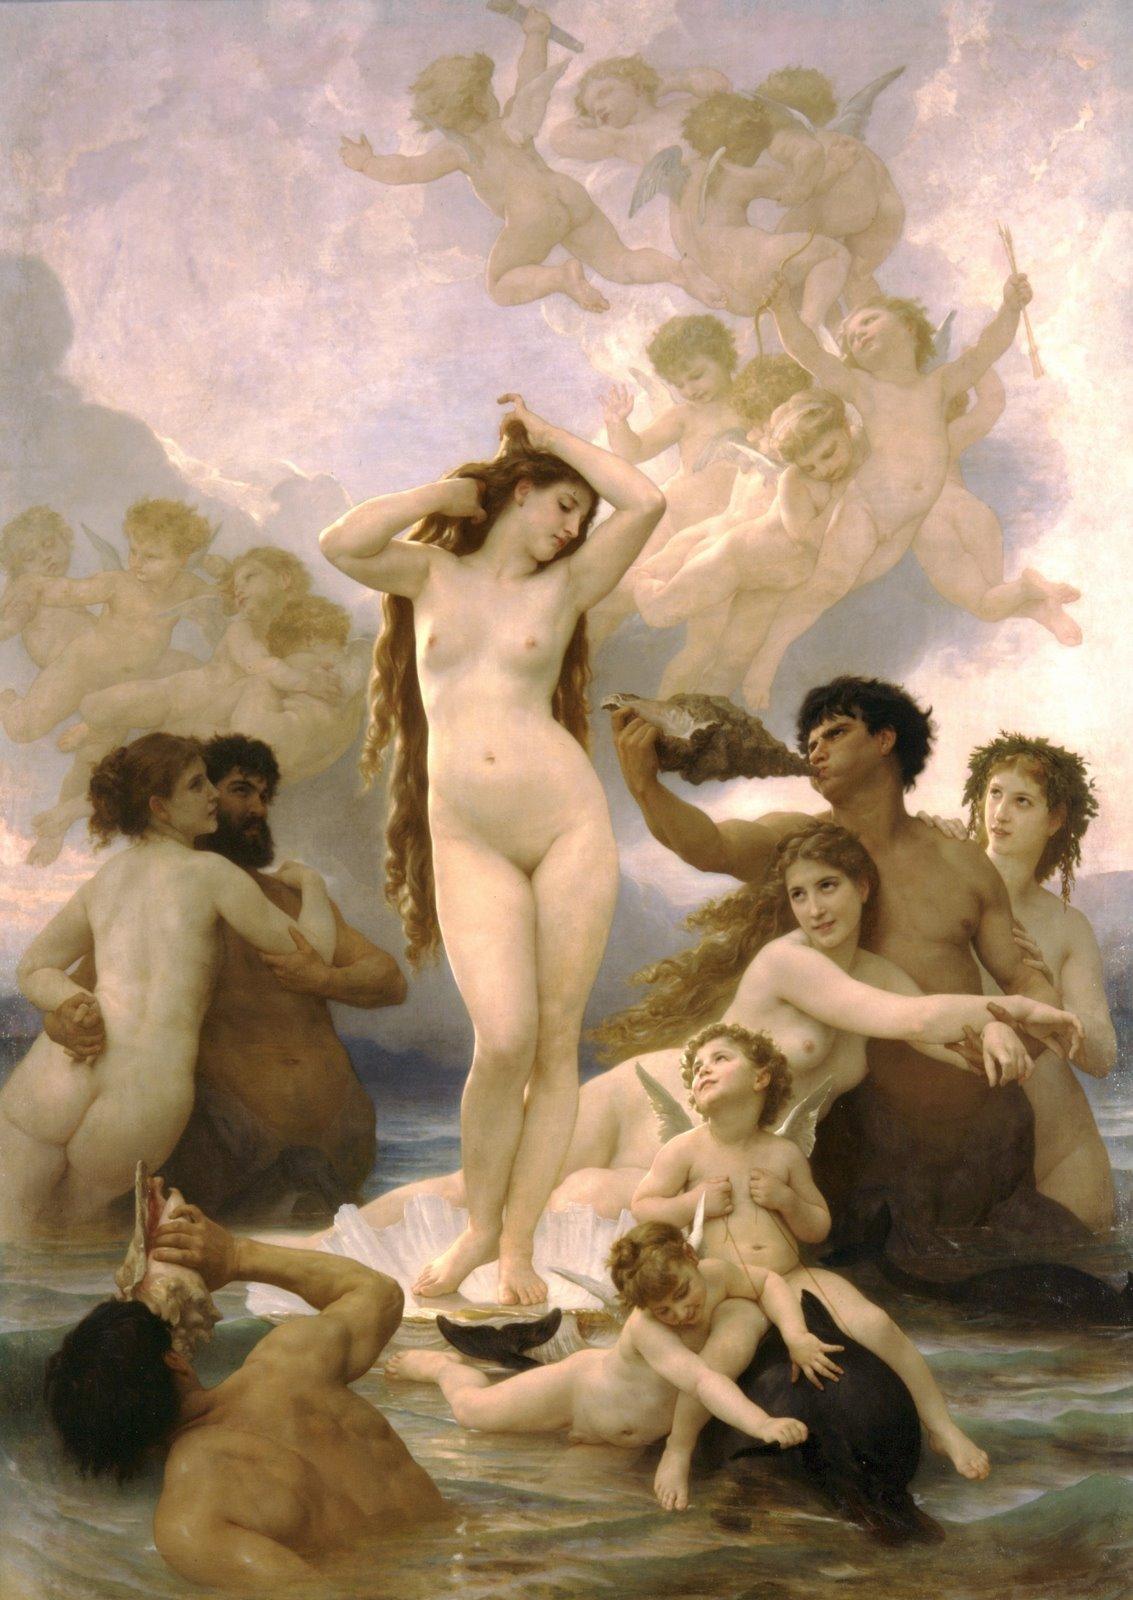 Angie Venus Porn Star Cumshots ange venus galleries mom xxx picture.